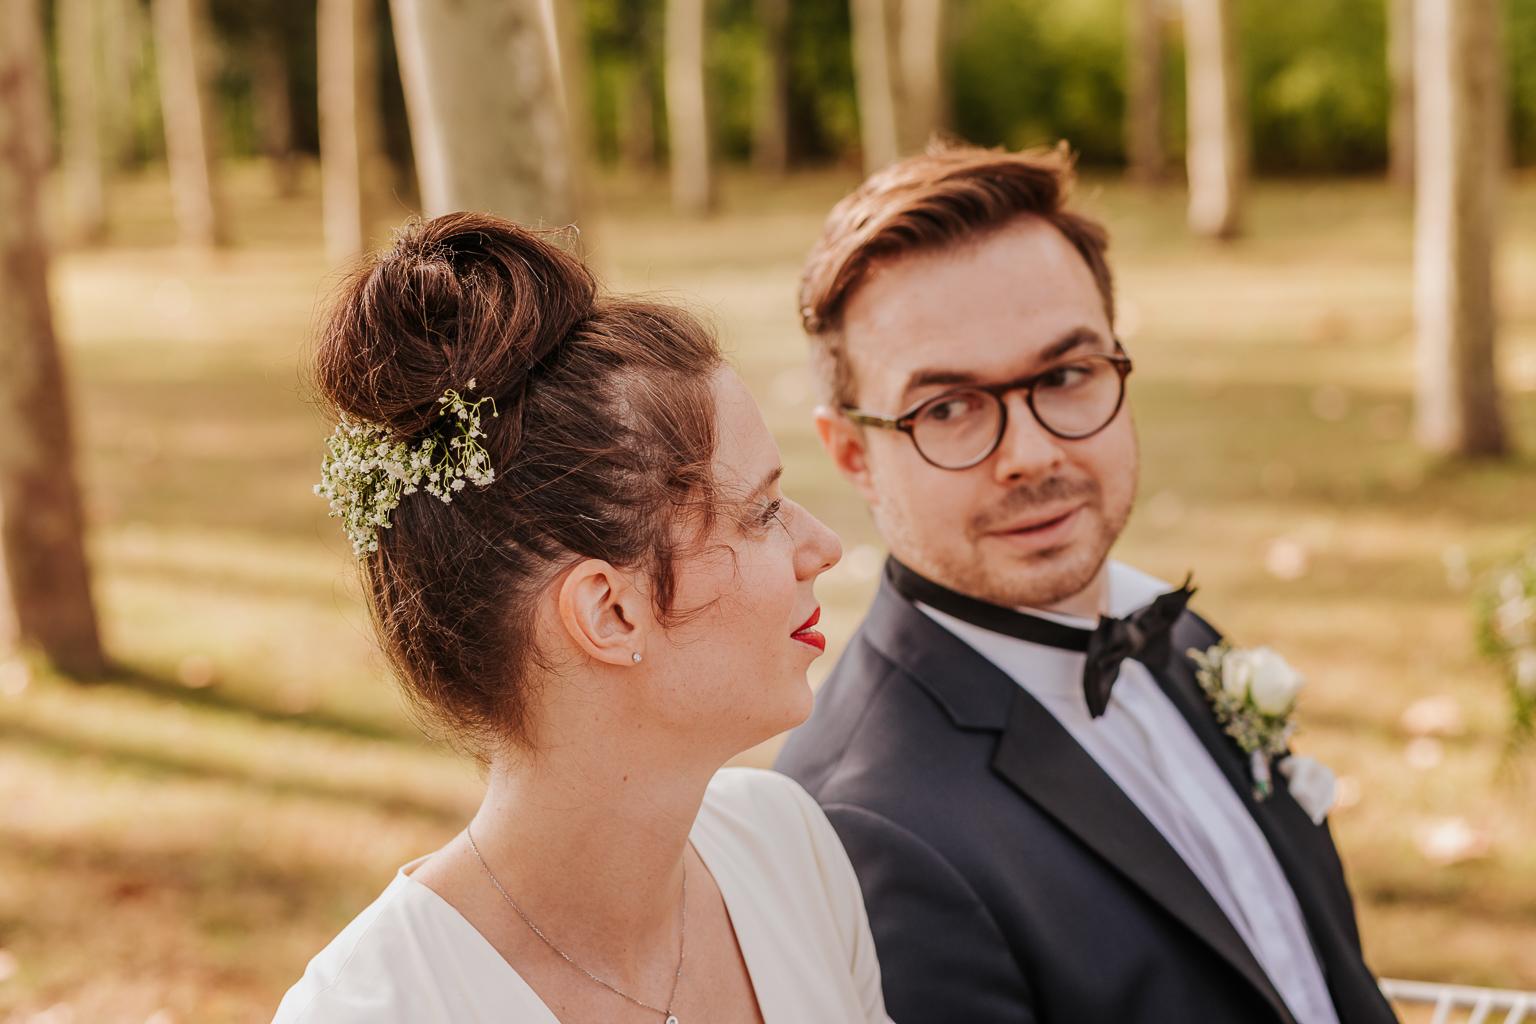 Fotógrafo boda sant cugat :: fotógrafo boda Can rosas :: Boda en masía :: Boda con estilo :: Boda internacional :: Barcelona wedding photographer :: destination wedding photographer barcelona